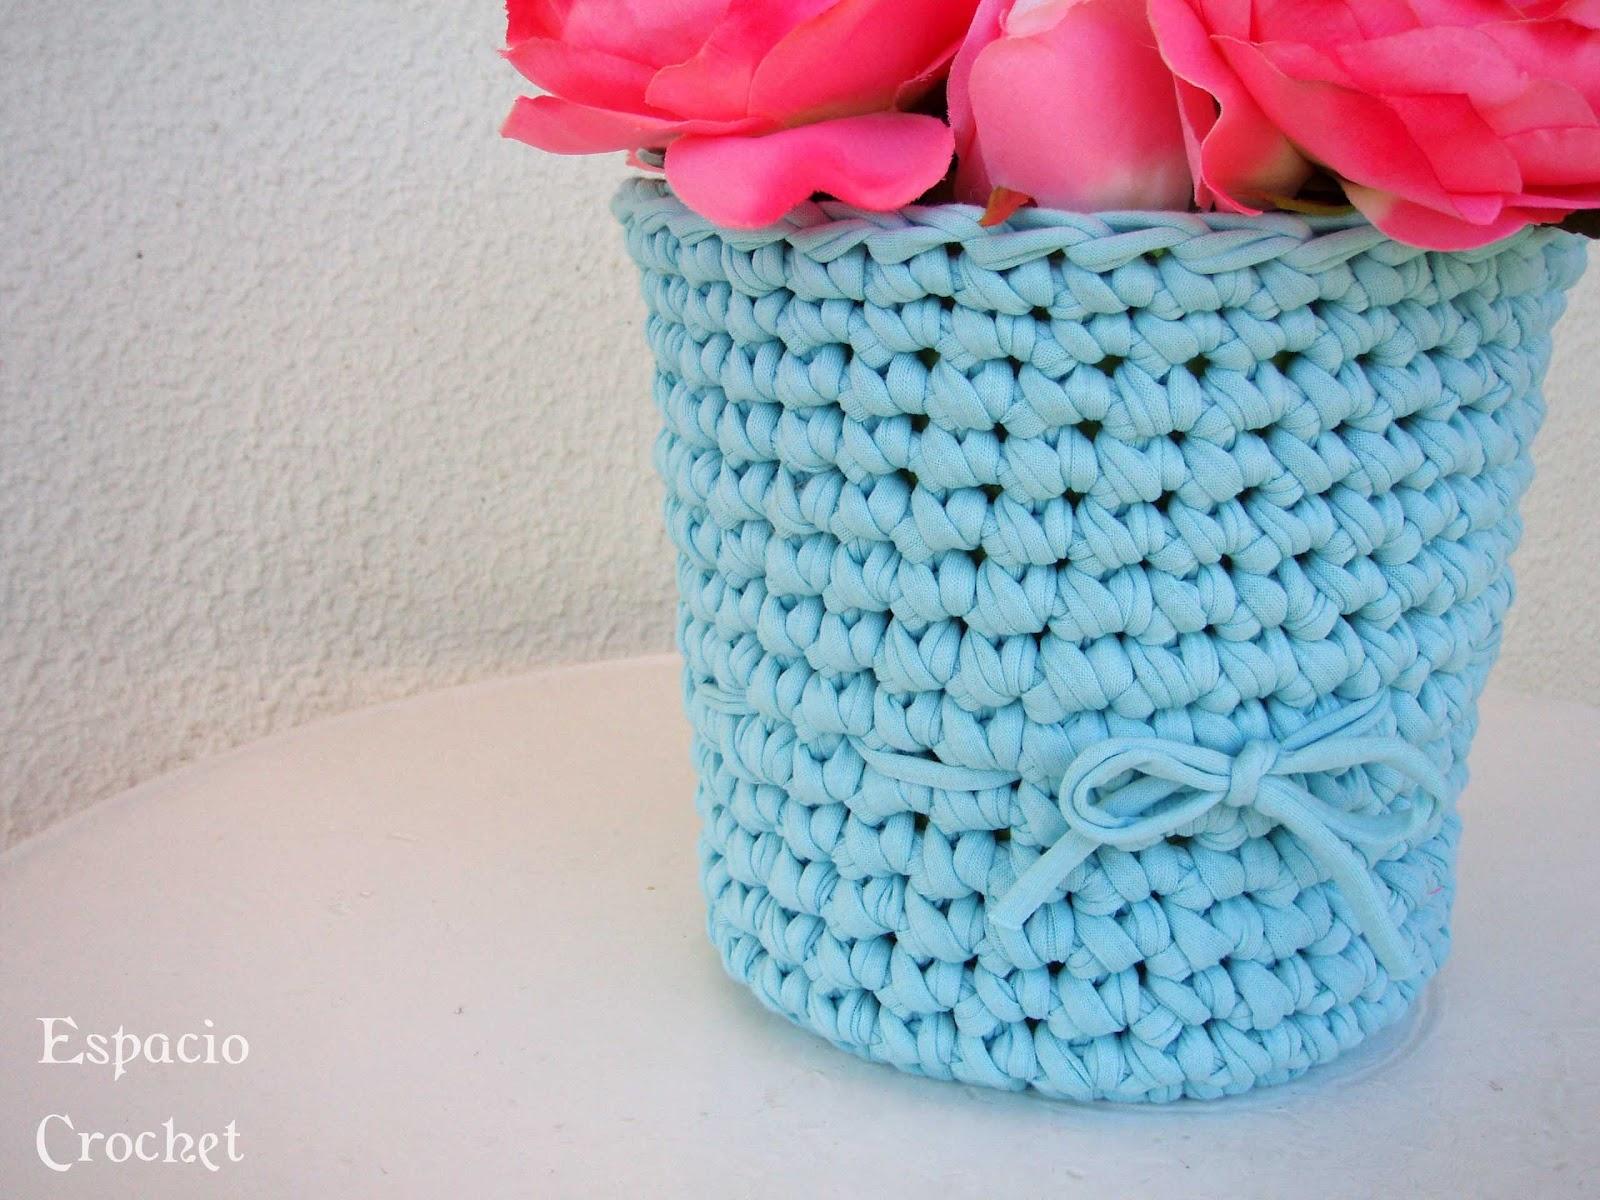 Florero de trapillo espacio crochet - Puntos crochet trapillo ...